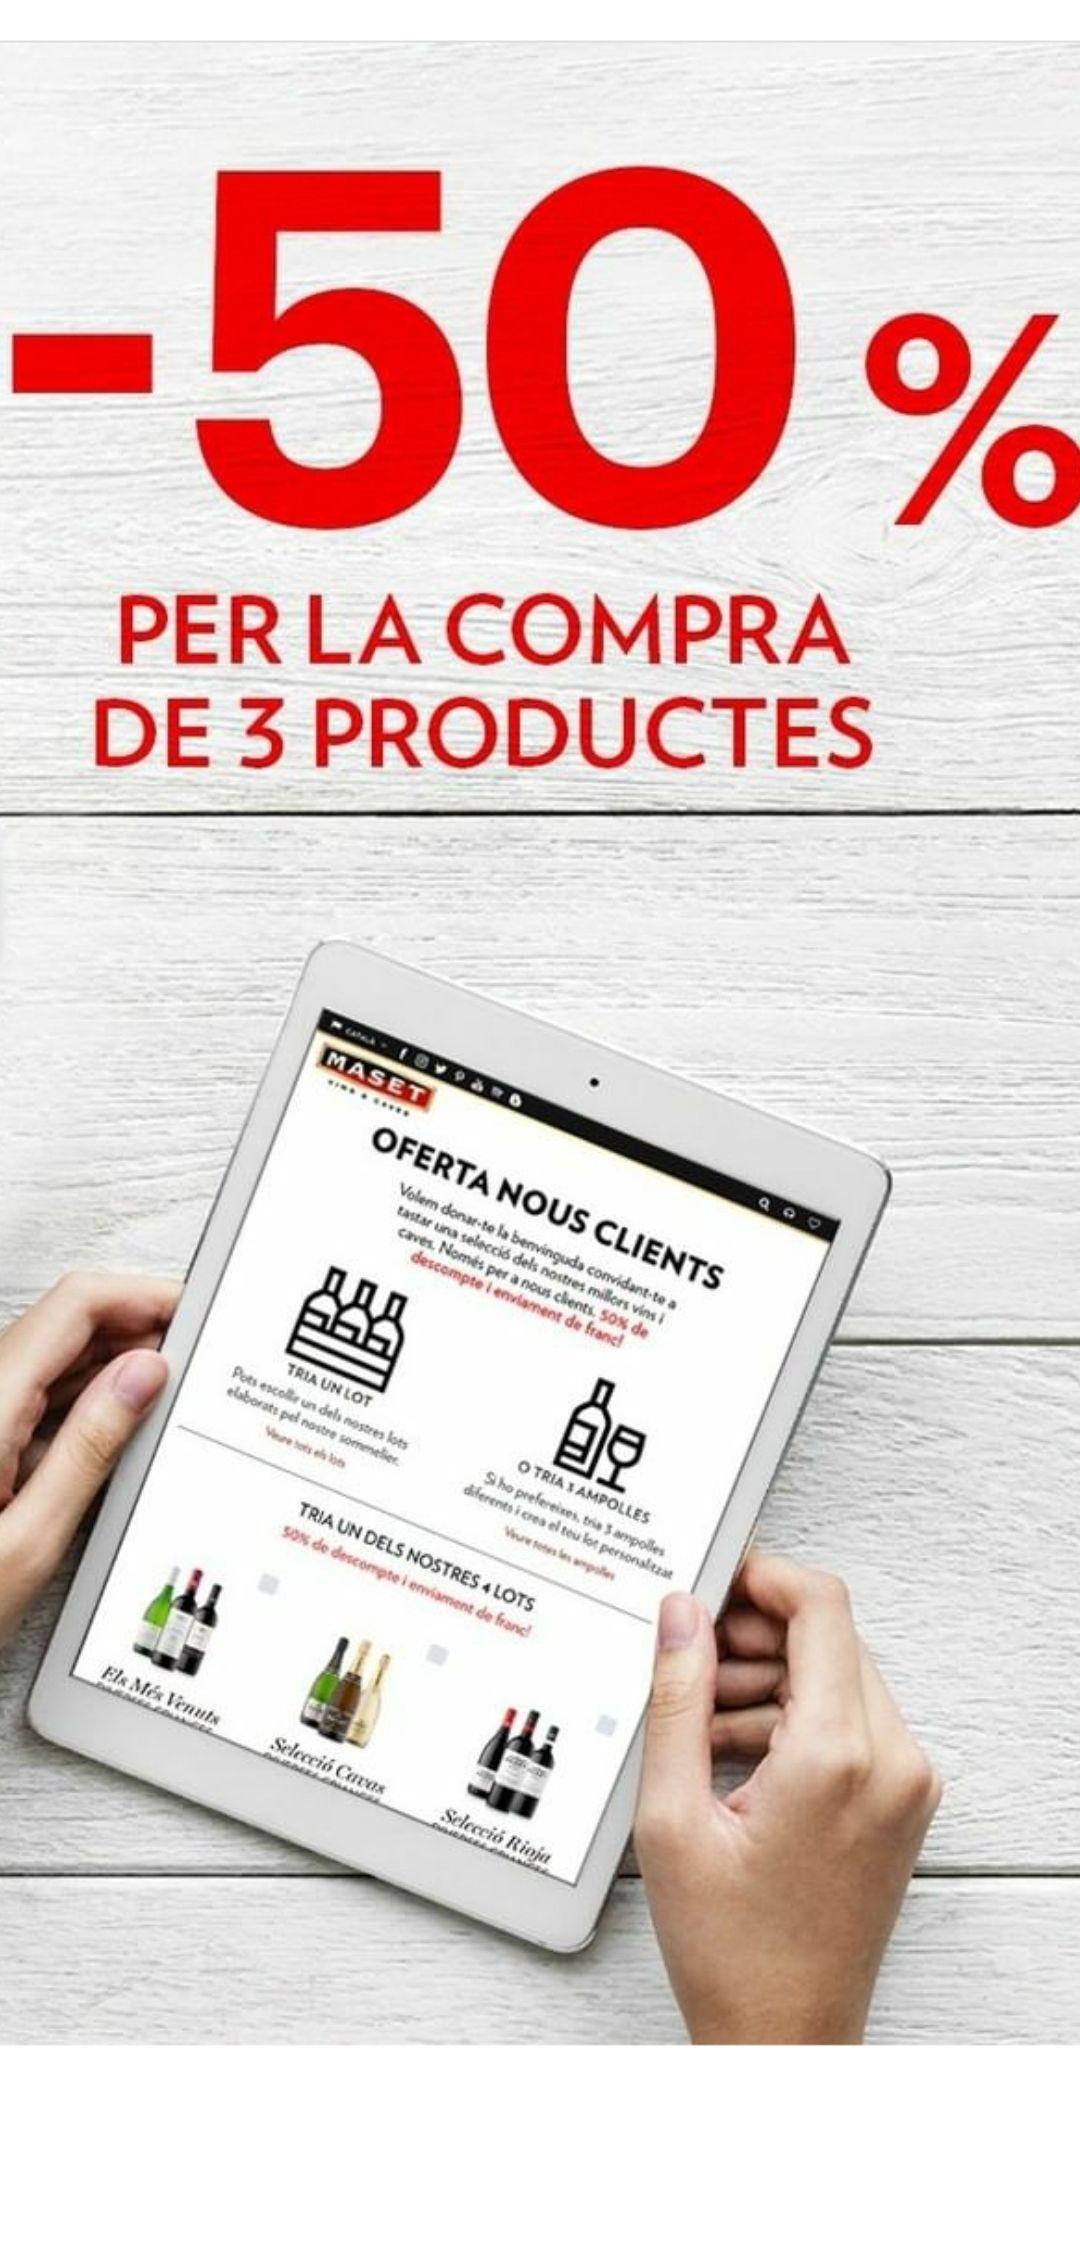 50% descuento y envíos gratis para nuevos clientes en Cavas y Vinos Maset